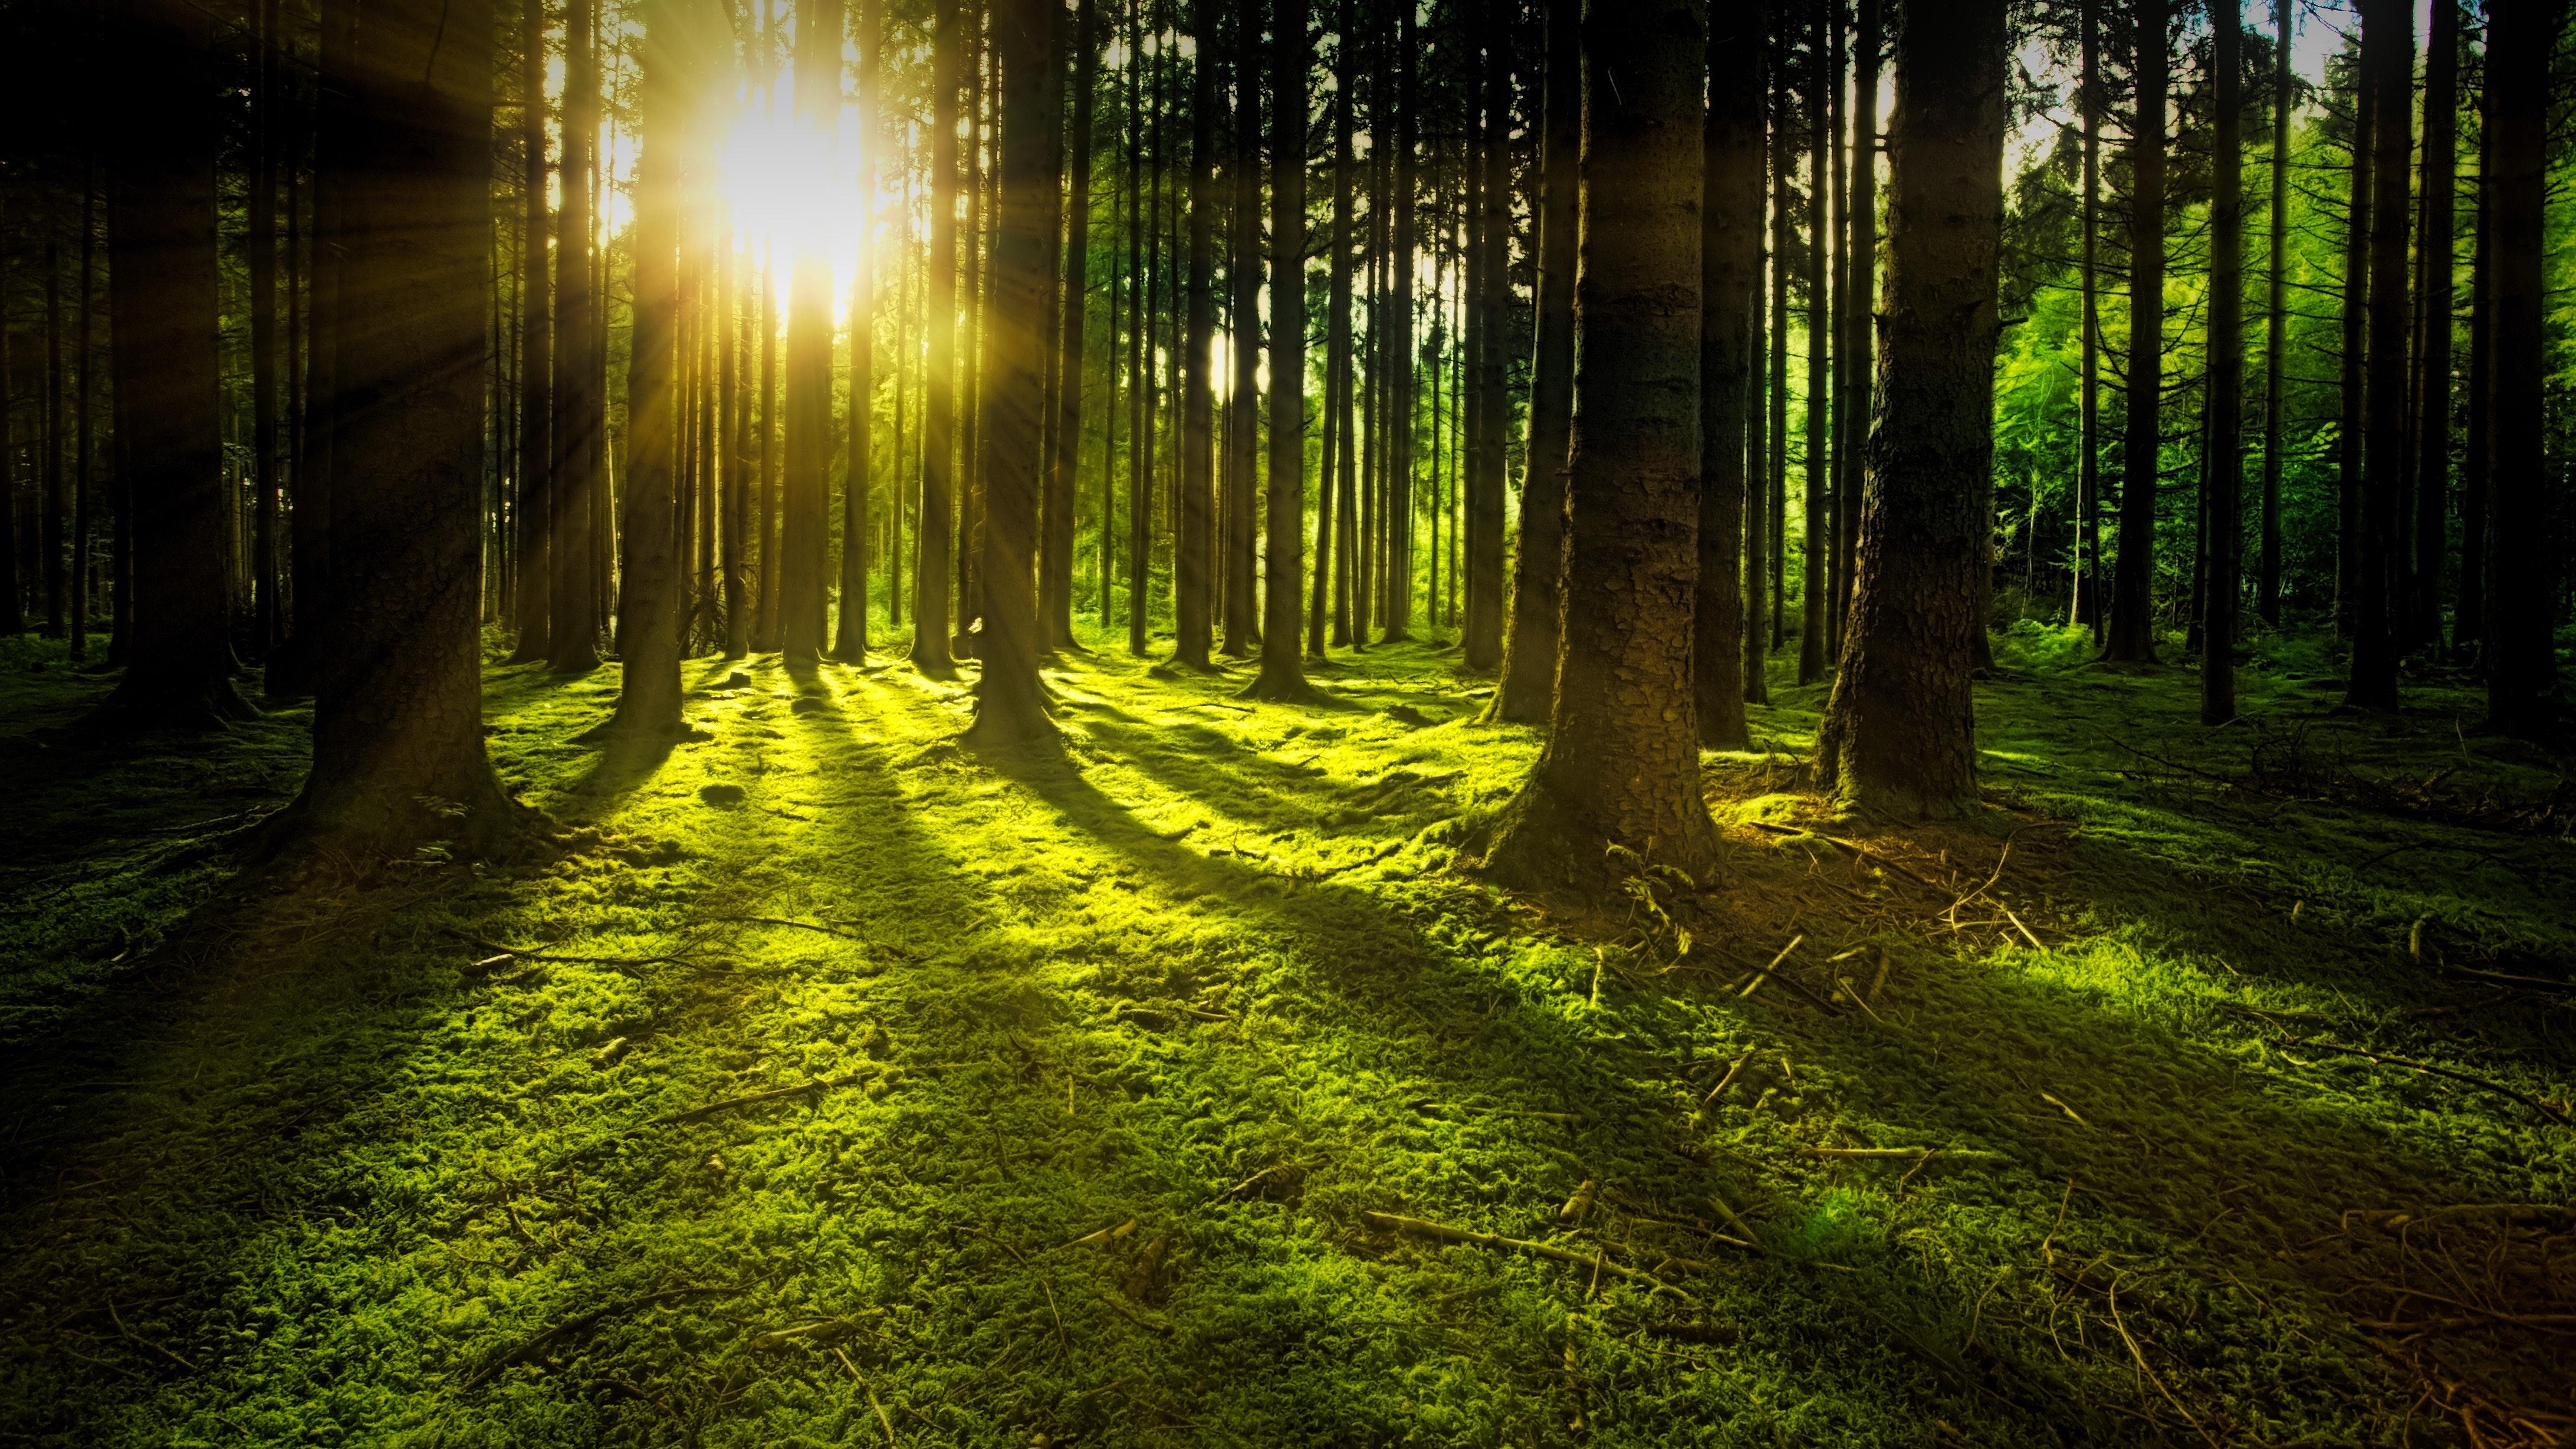 forest-grass-green-1125776